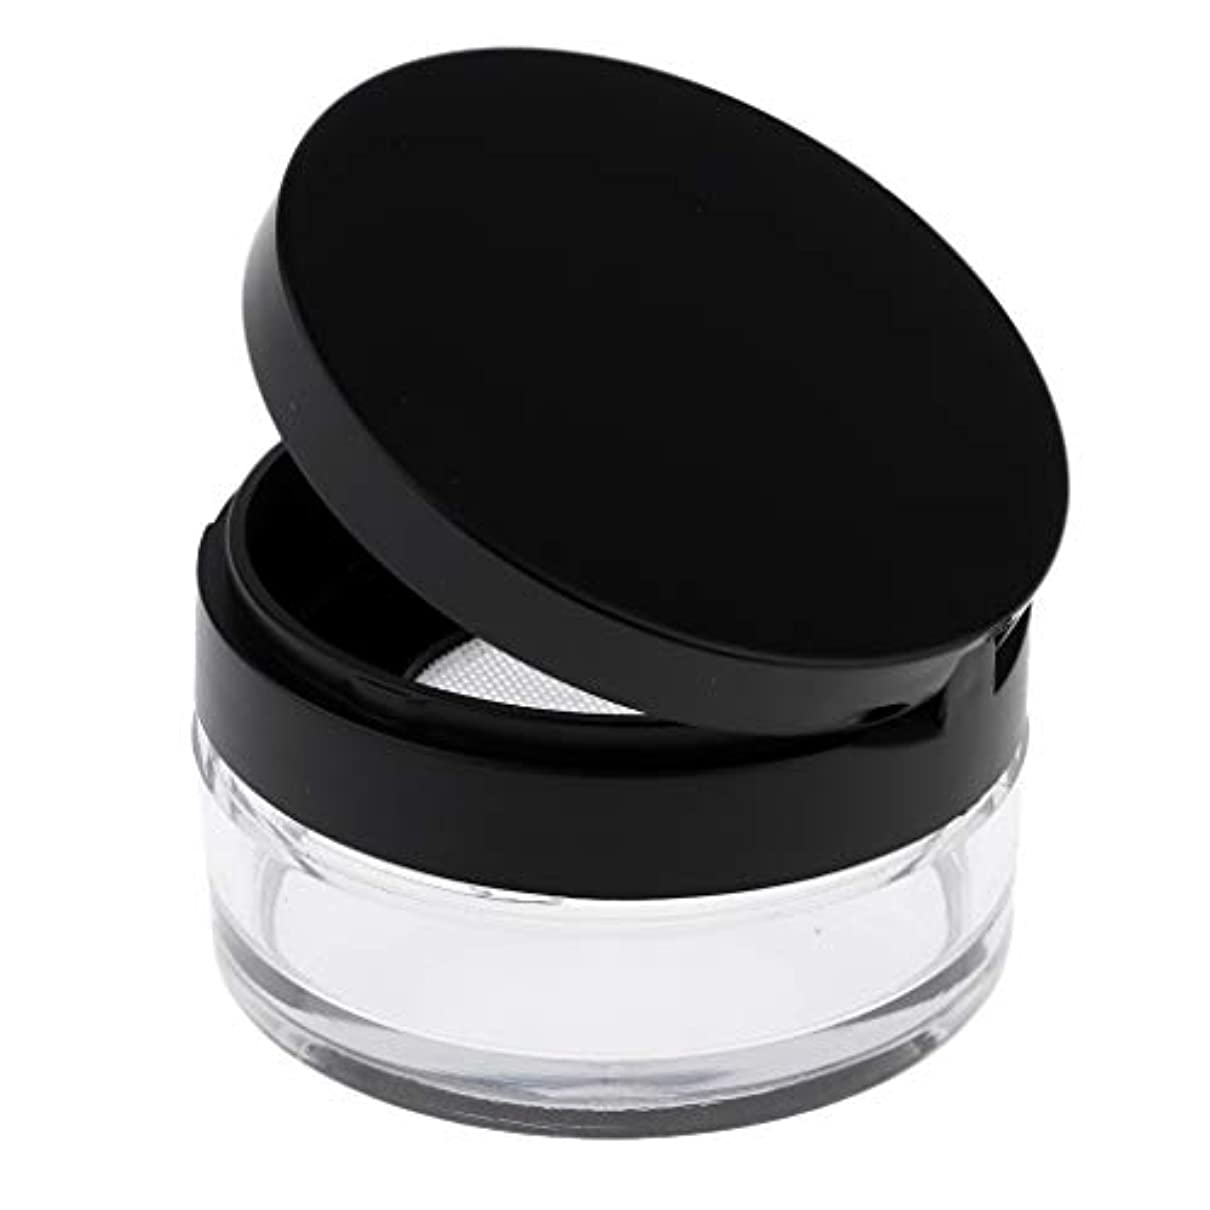 ストレージ首やりがいのあるP Prettyia 空 メイクアップ ルースパウダーケース 化粧品容器 全2色 - ブラックL